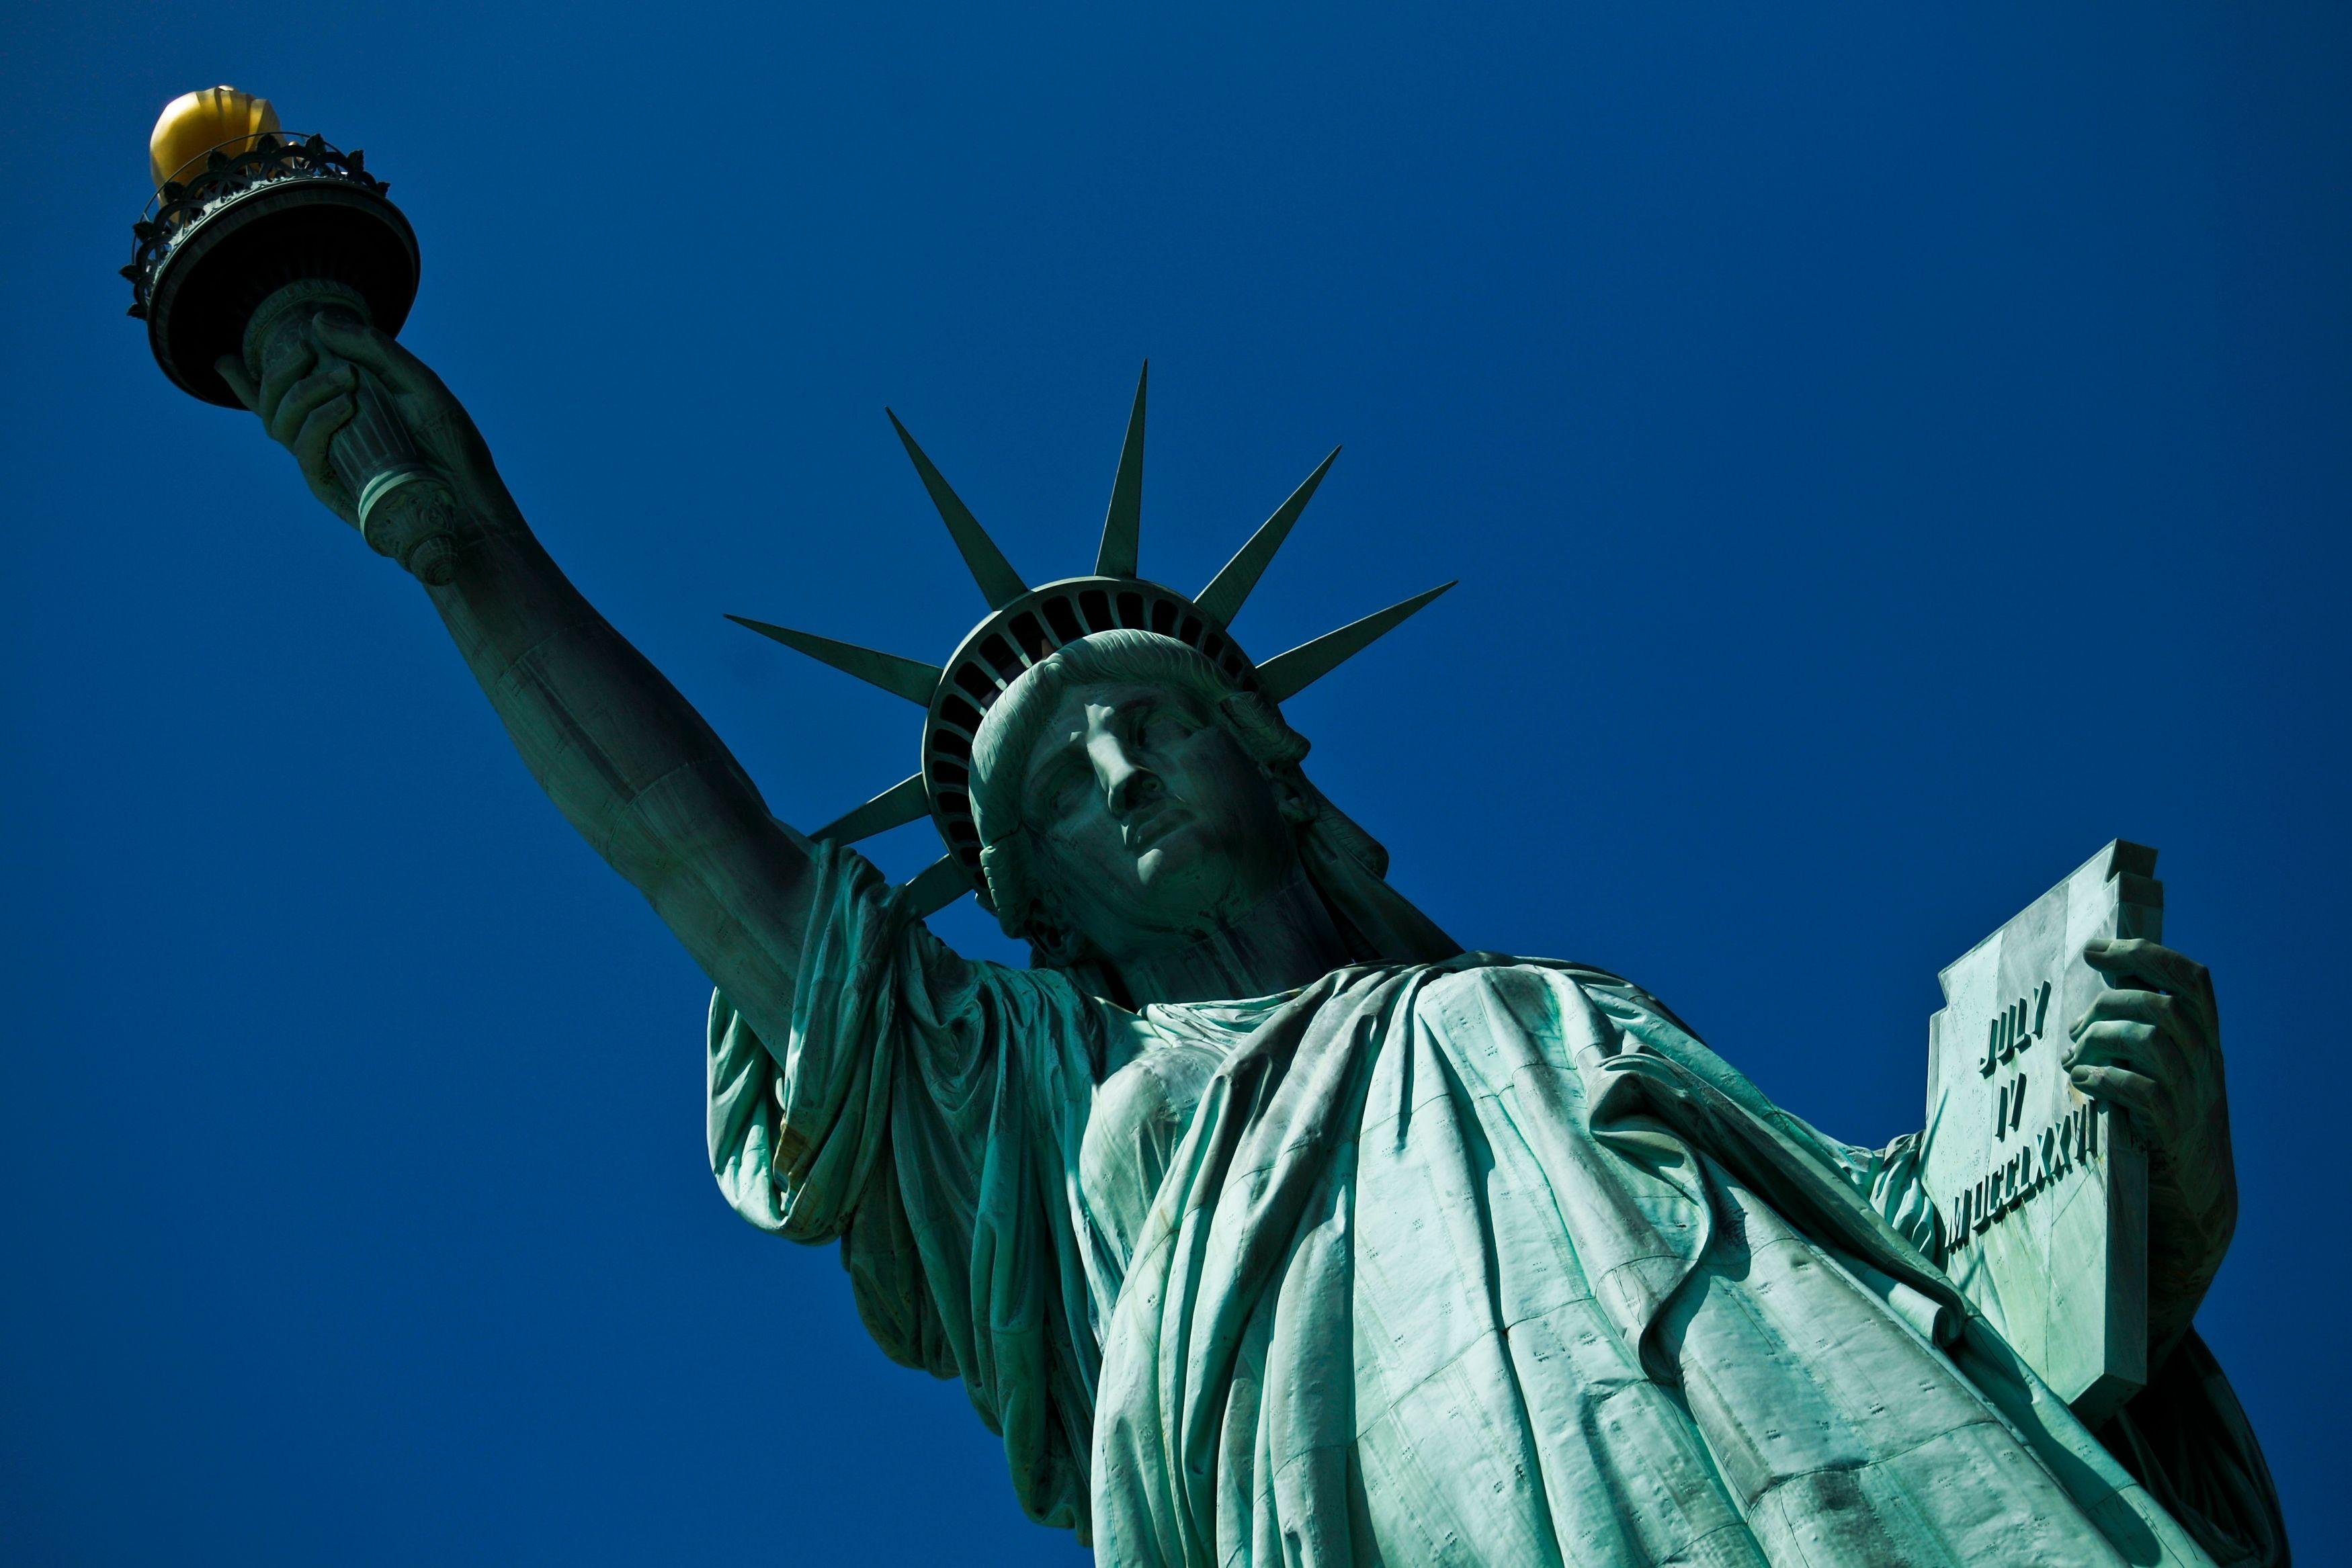 La liberté de l'individu est mise à mal par les deux camps qui s'affrontent à propos du mariage homosexuel.